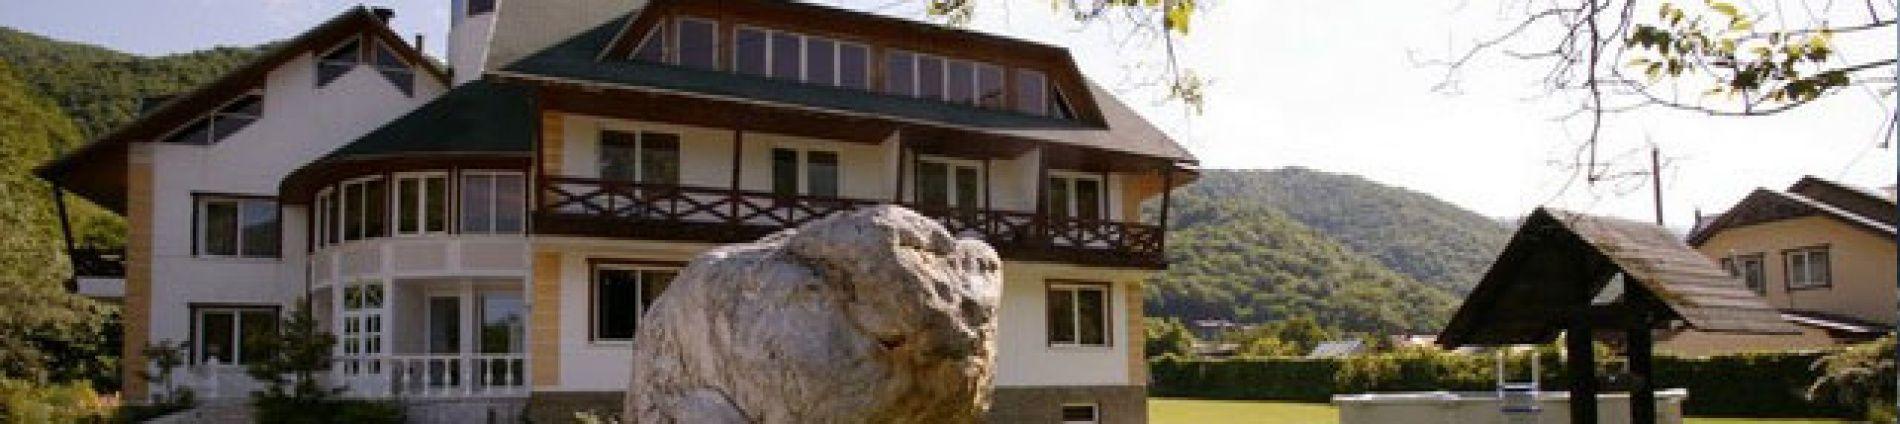 """Гостевой дом """"Четыре вершины"""" Краснодарский край, фото 15"""